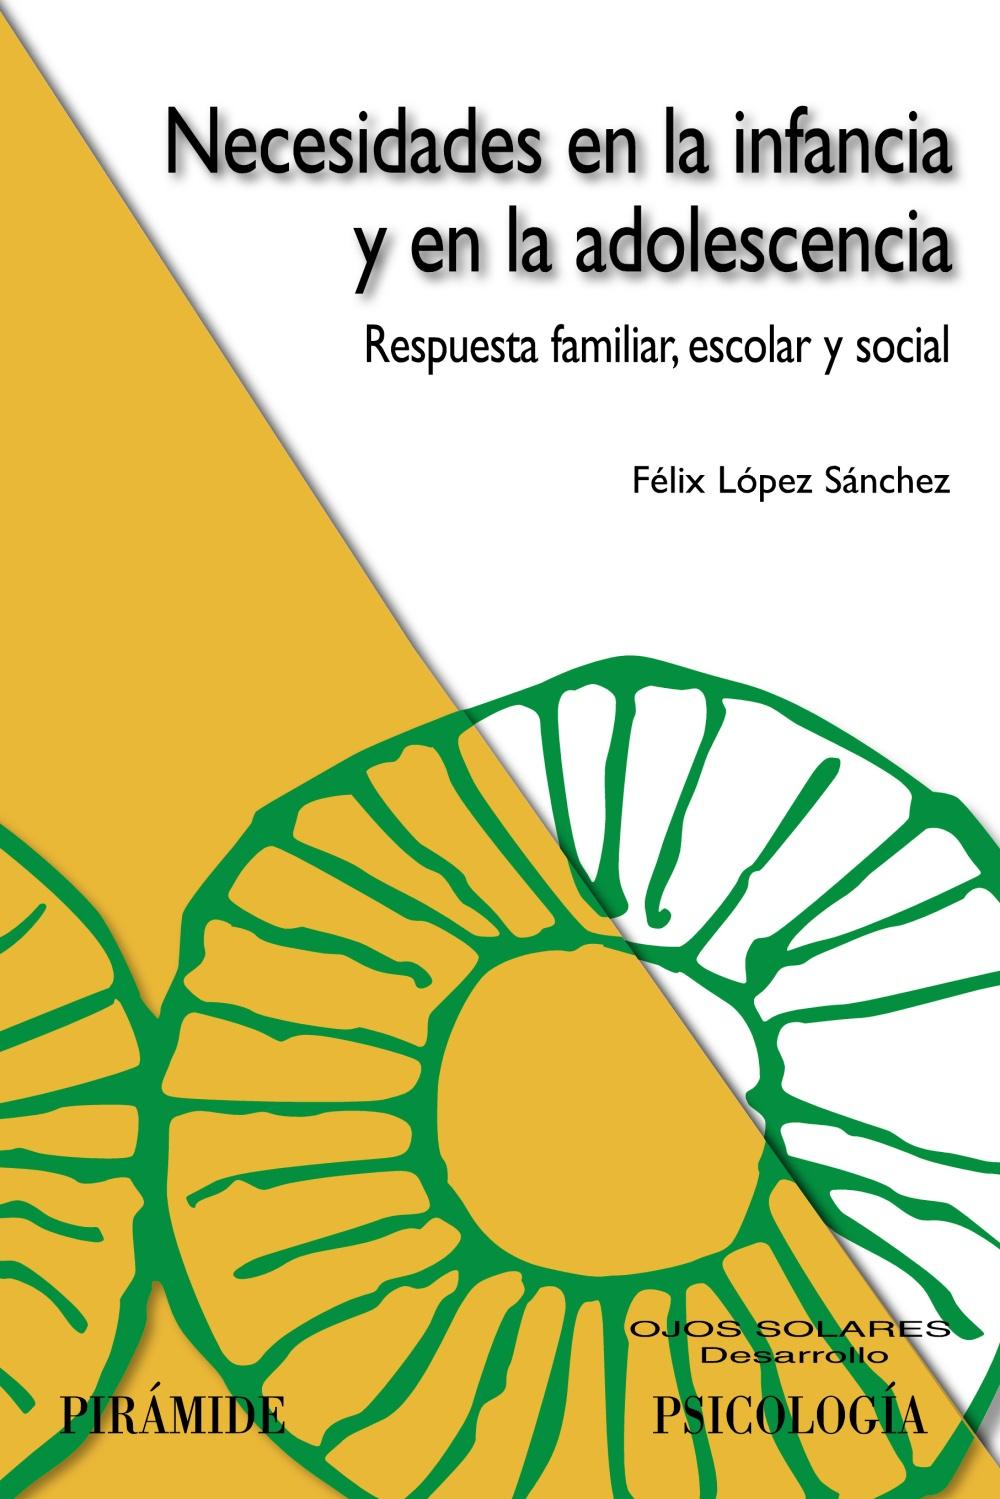 necesidades en la infancia y en la adolescencia: respuesta famili ar, escolar y social-felix lopez sanchez-9788436821987